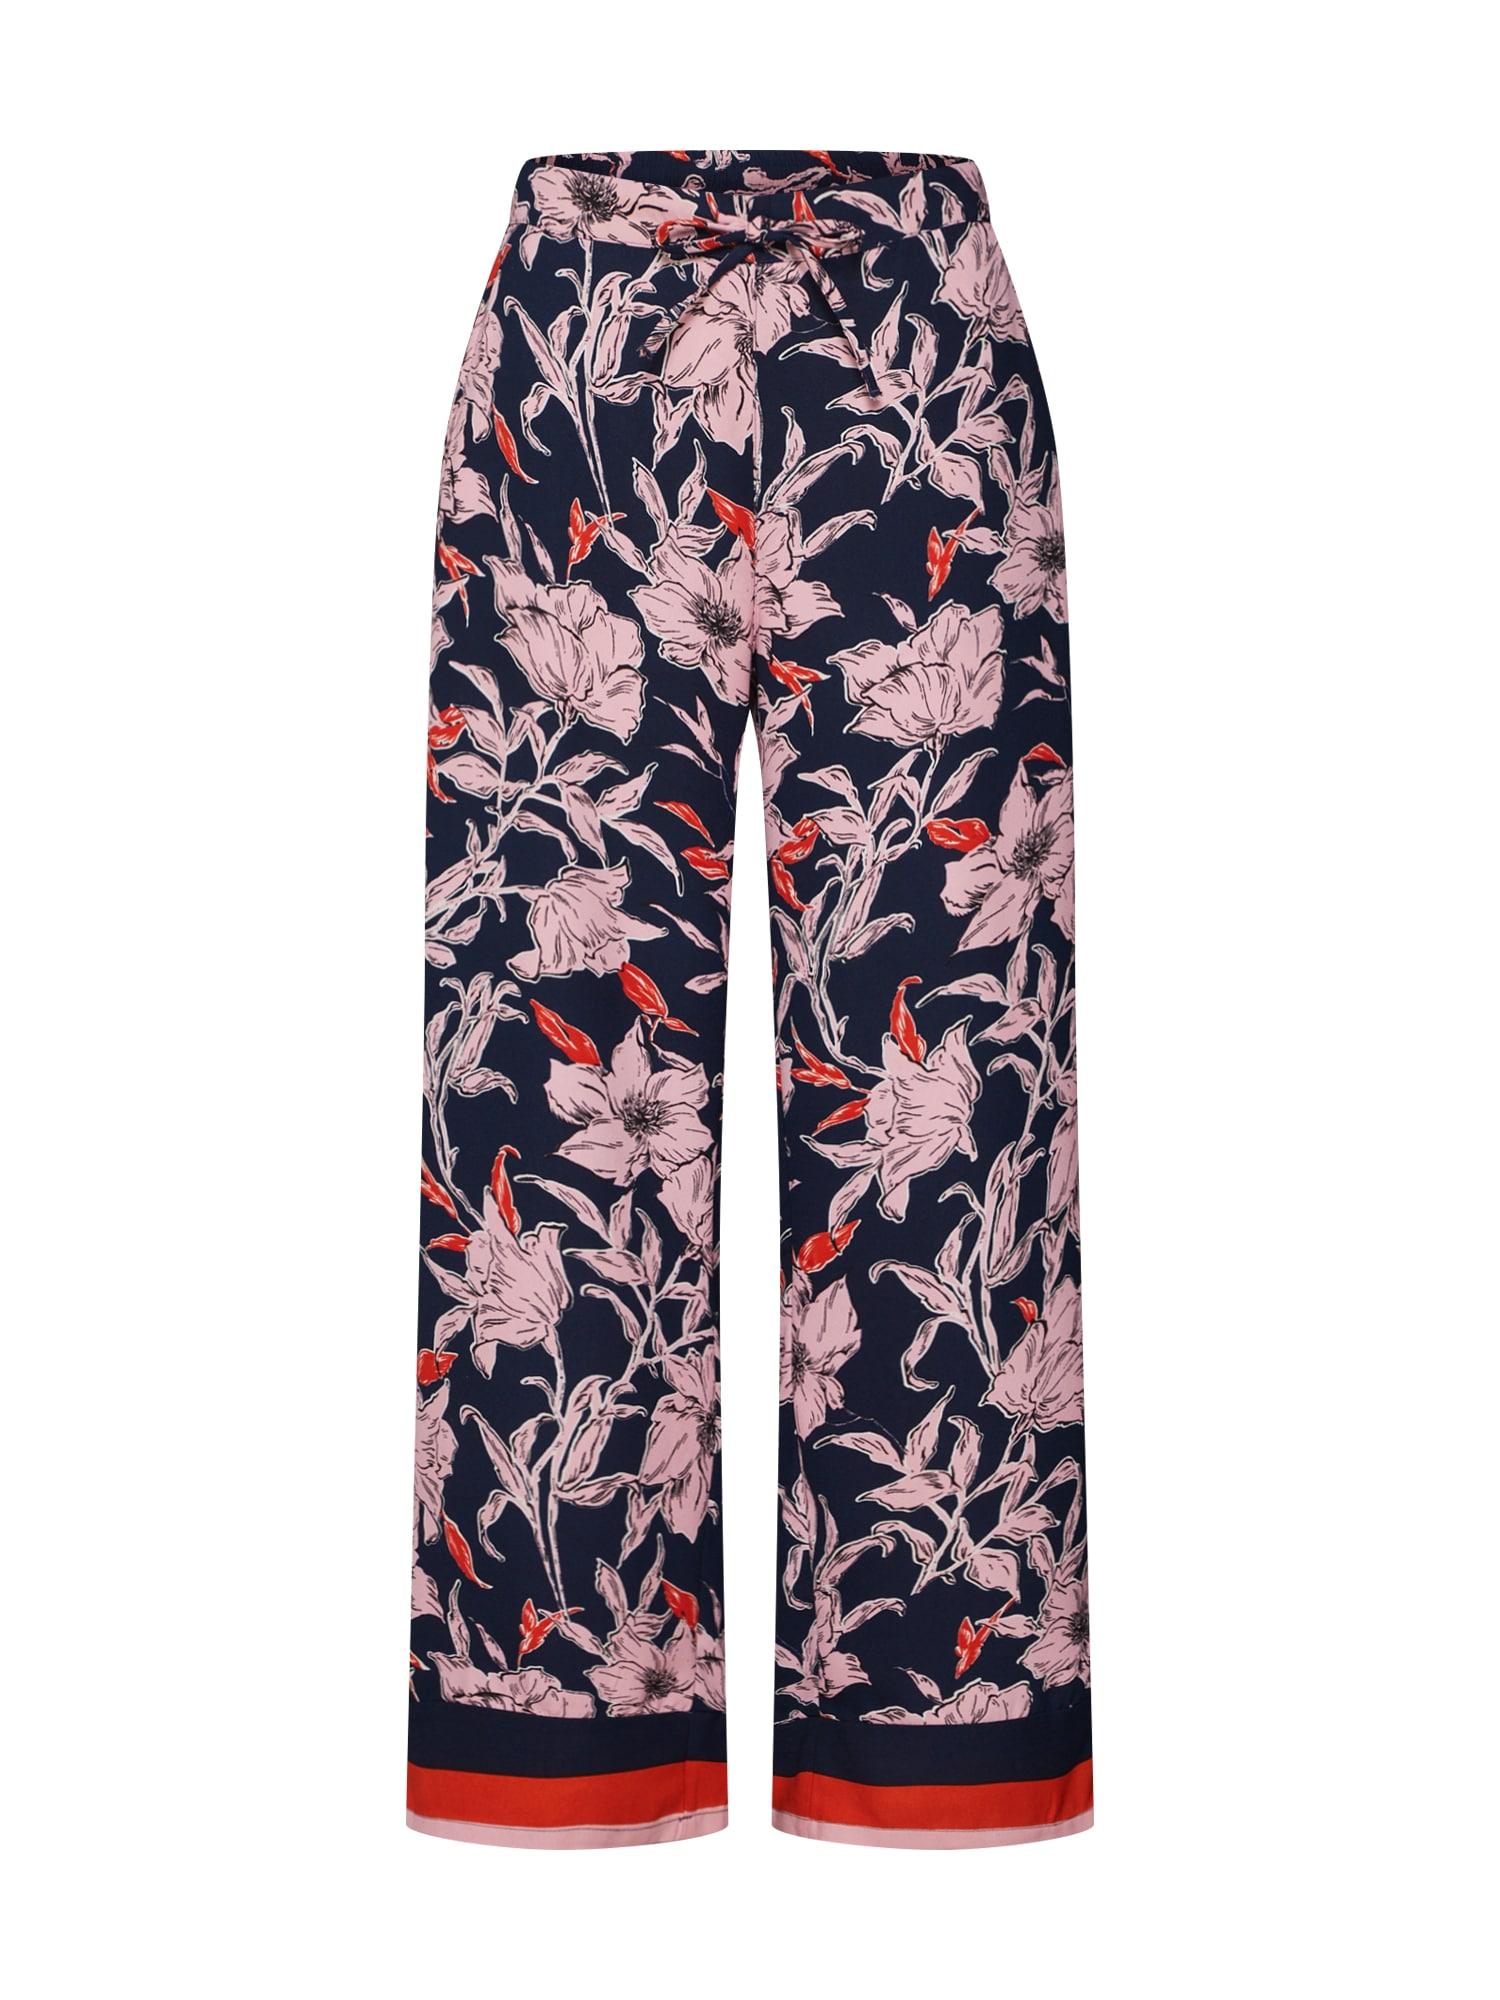 Kalhoty JDYYADIRA ANK PANT WVN EXP tmavě modrá růžová červená JACQUELINE De YONG